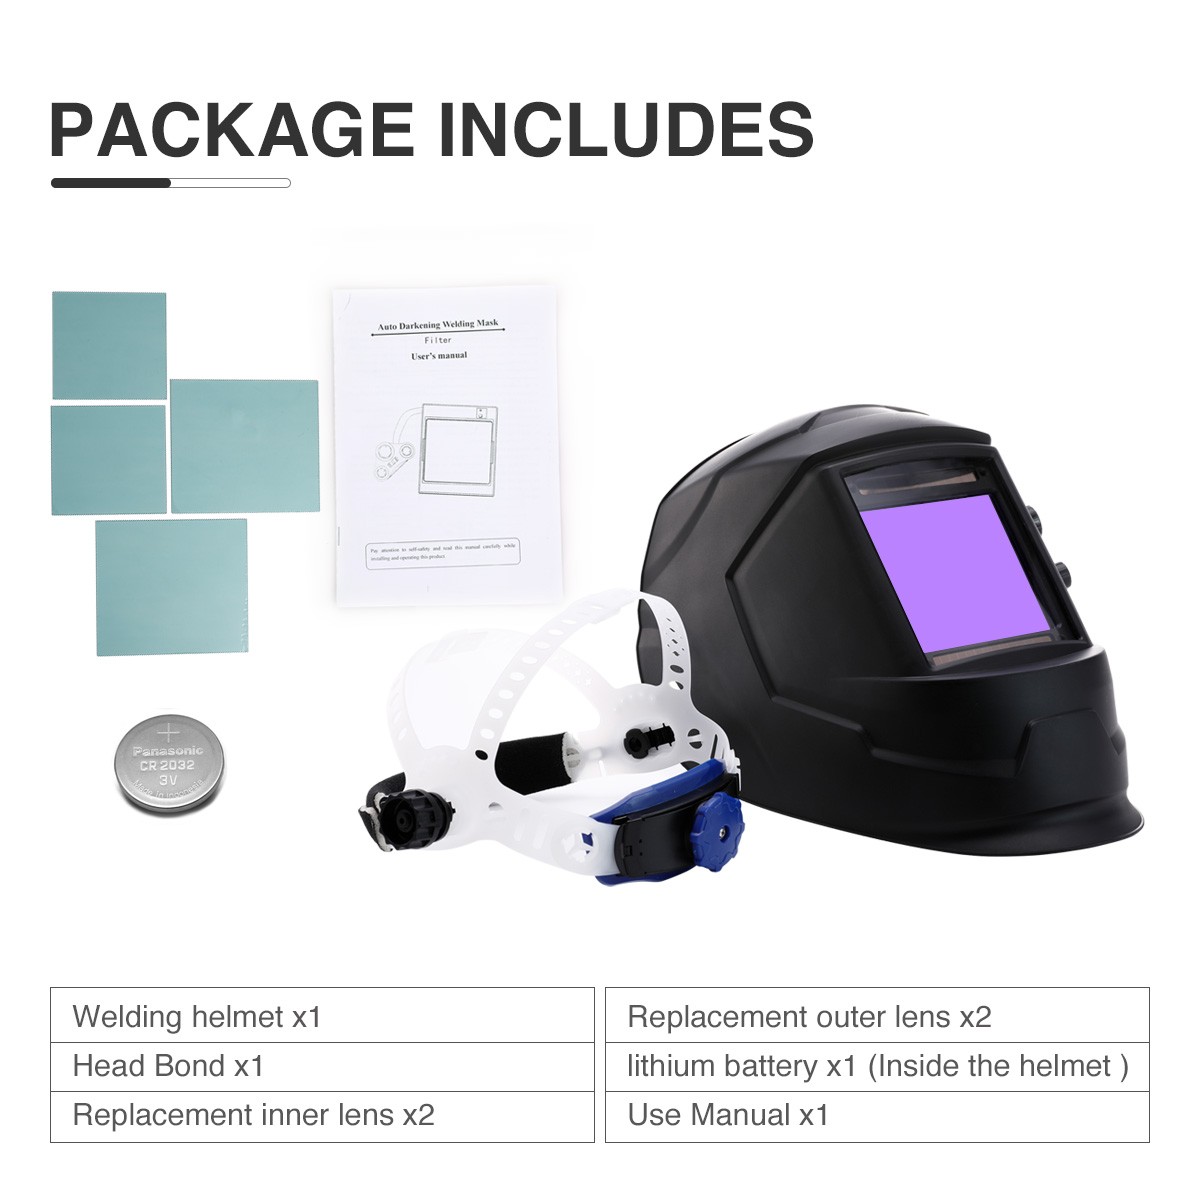 Auto Darkening Welding Helmet Large View Area Pro Solar Welder Mask Li Battery